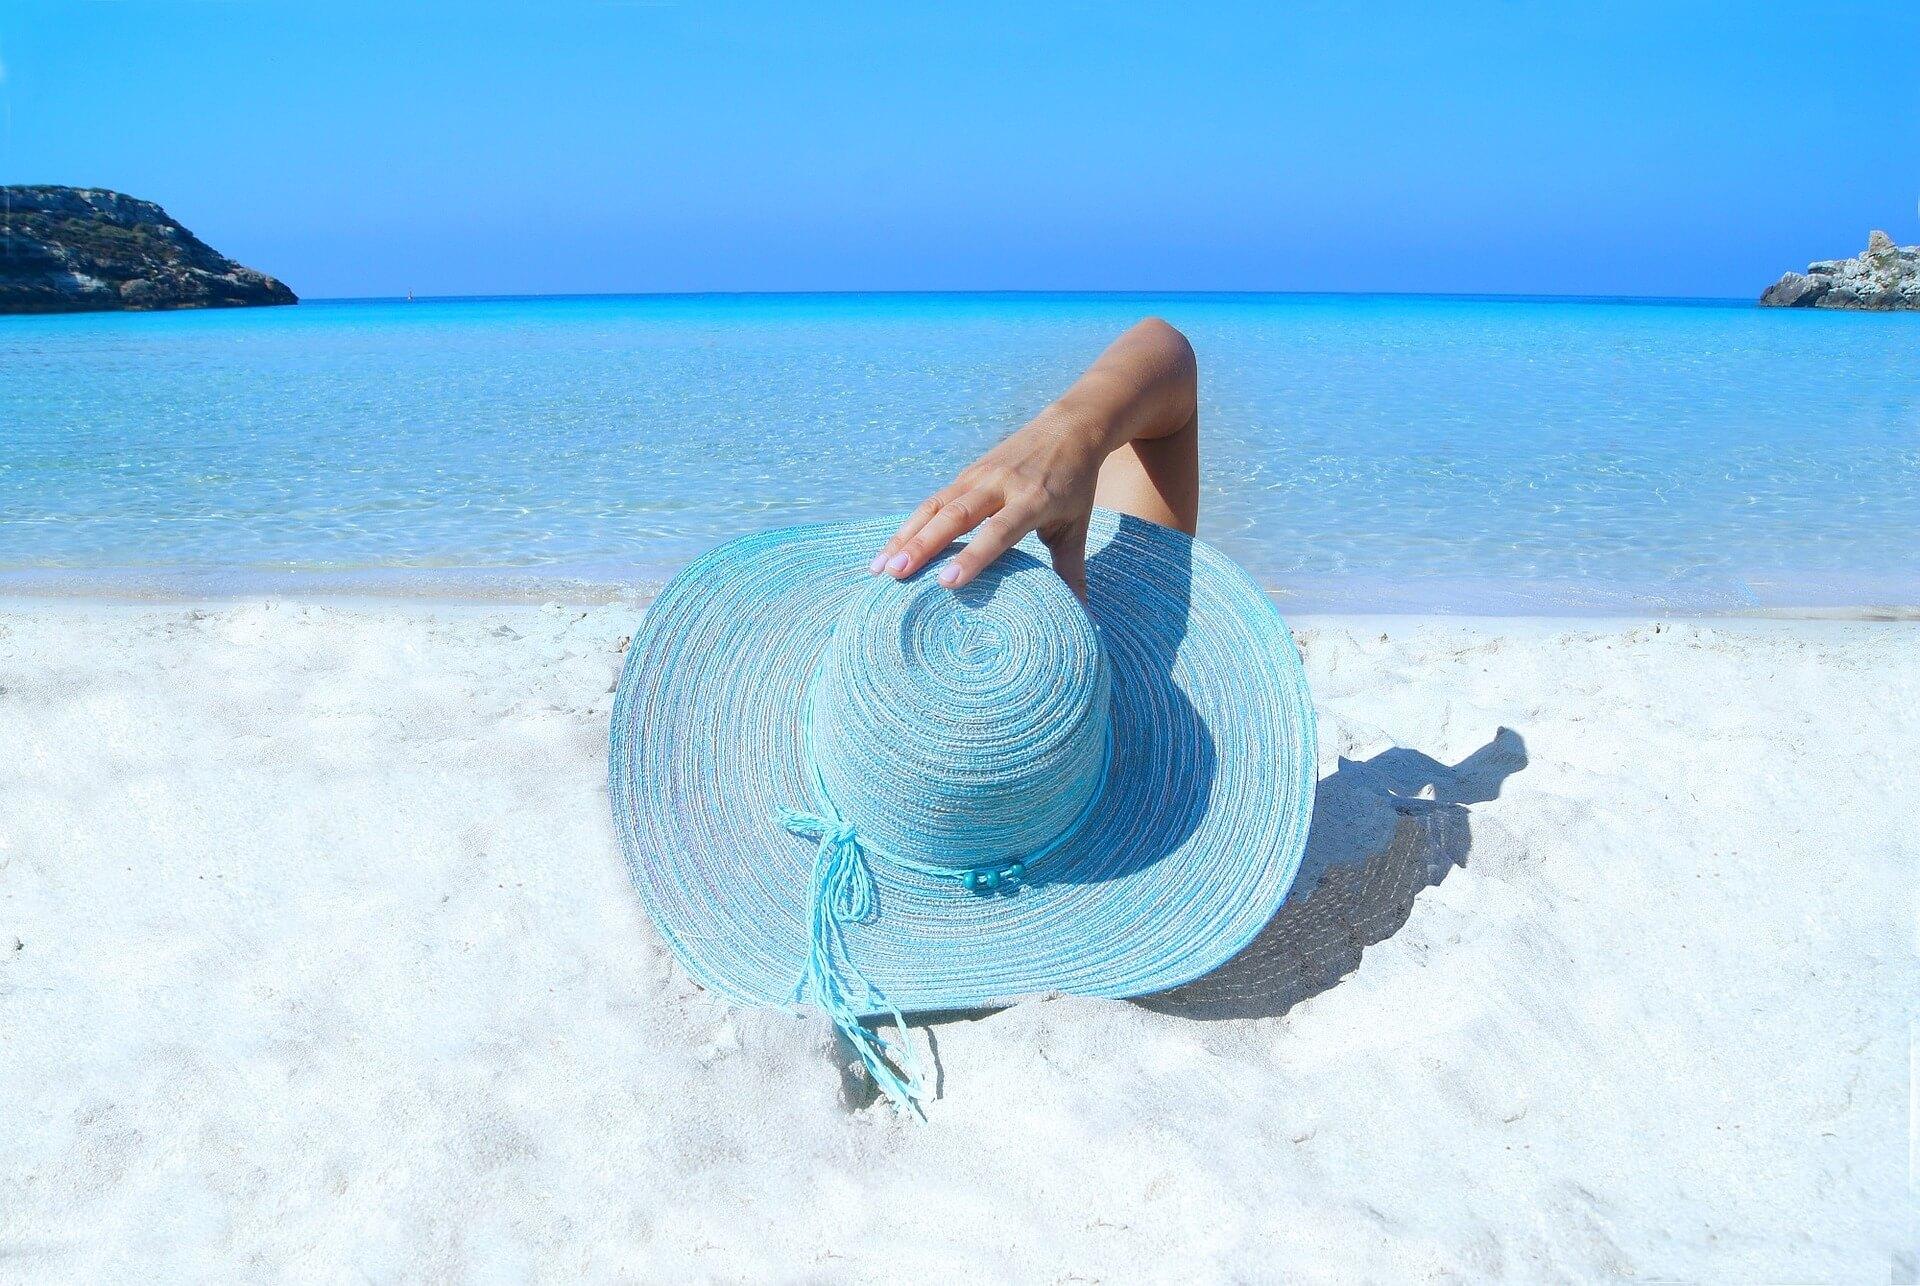 Haben chem. Filter in Sonnencreme möglicherweise Nebenwirkungen?